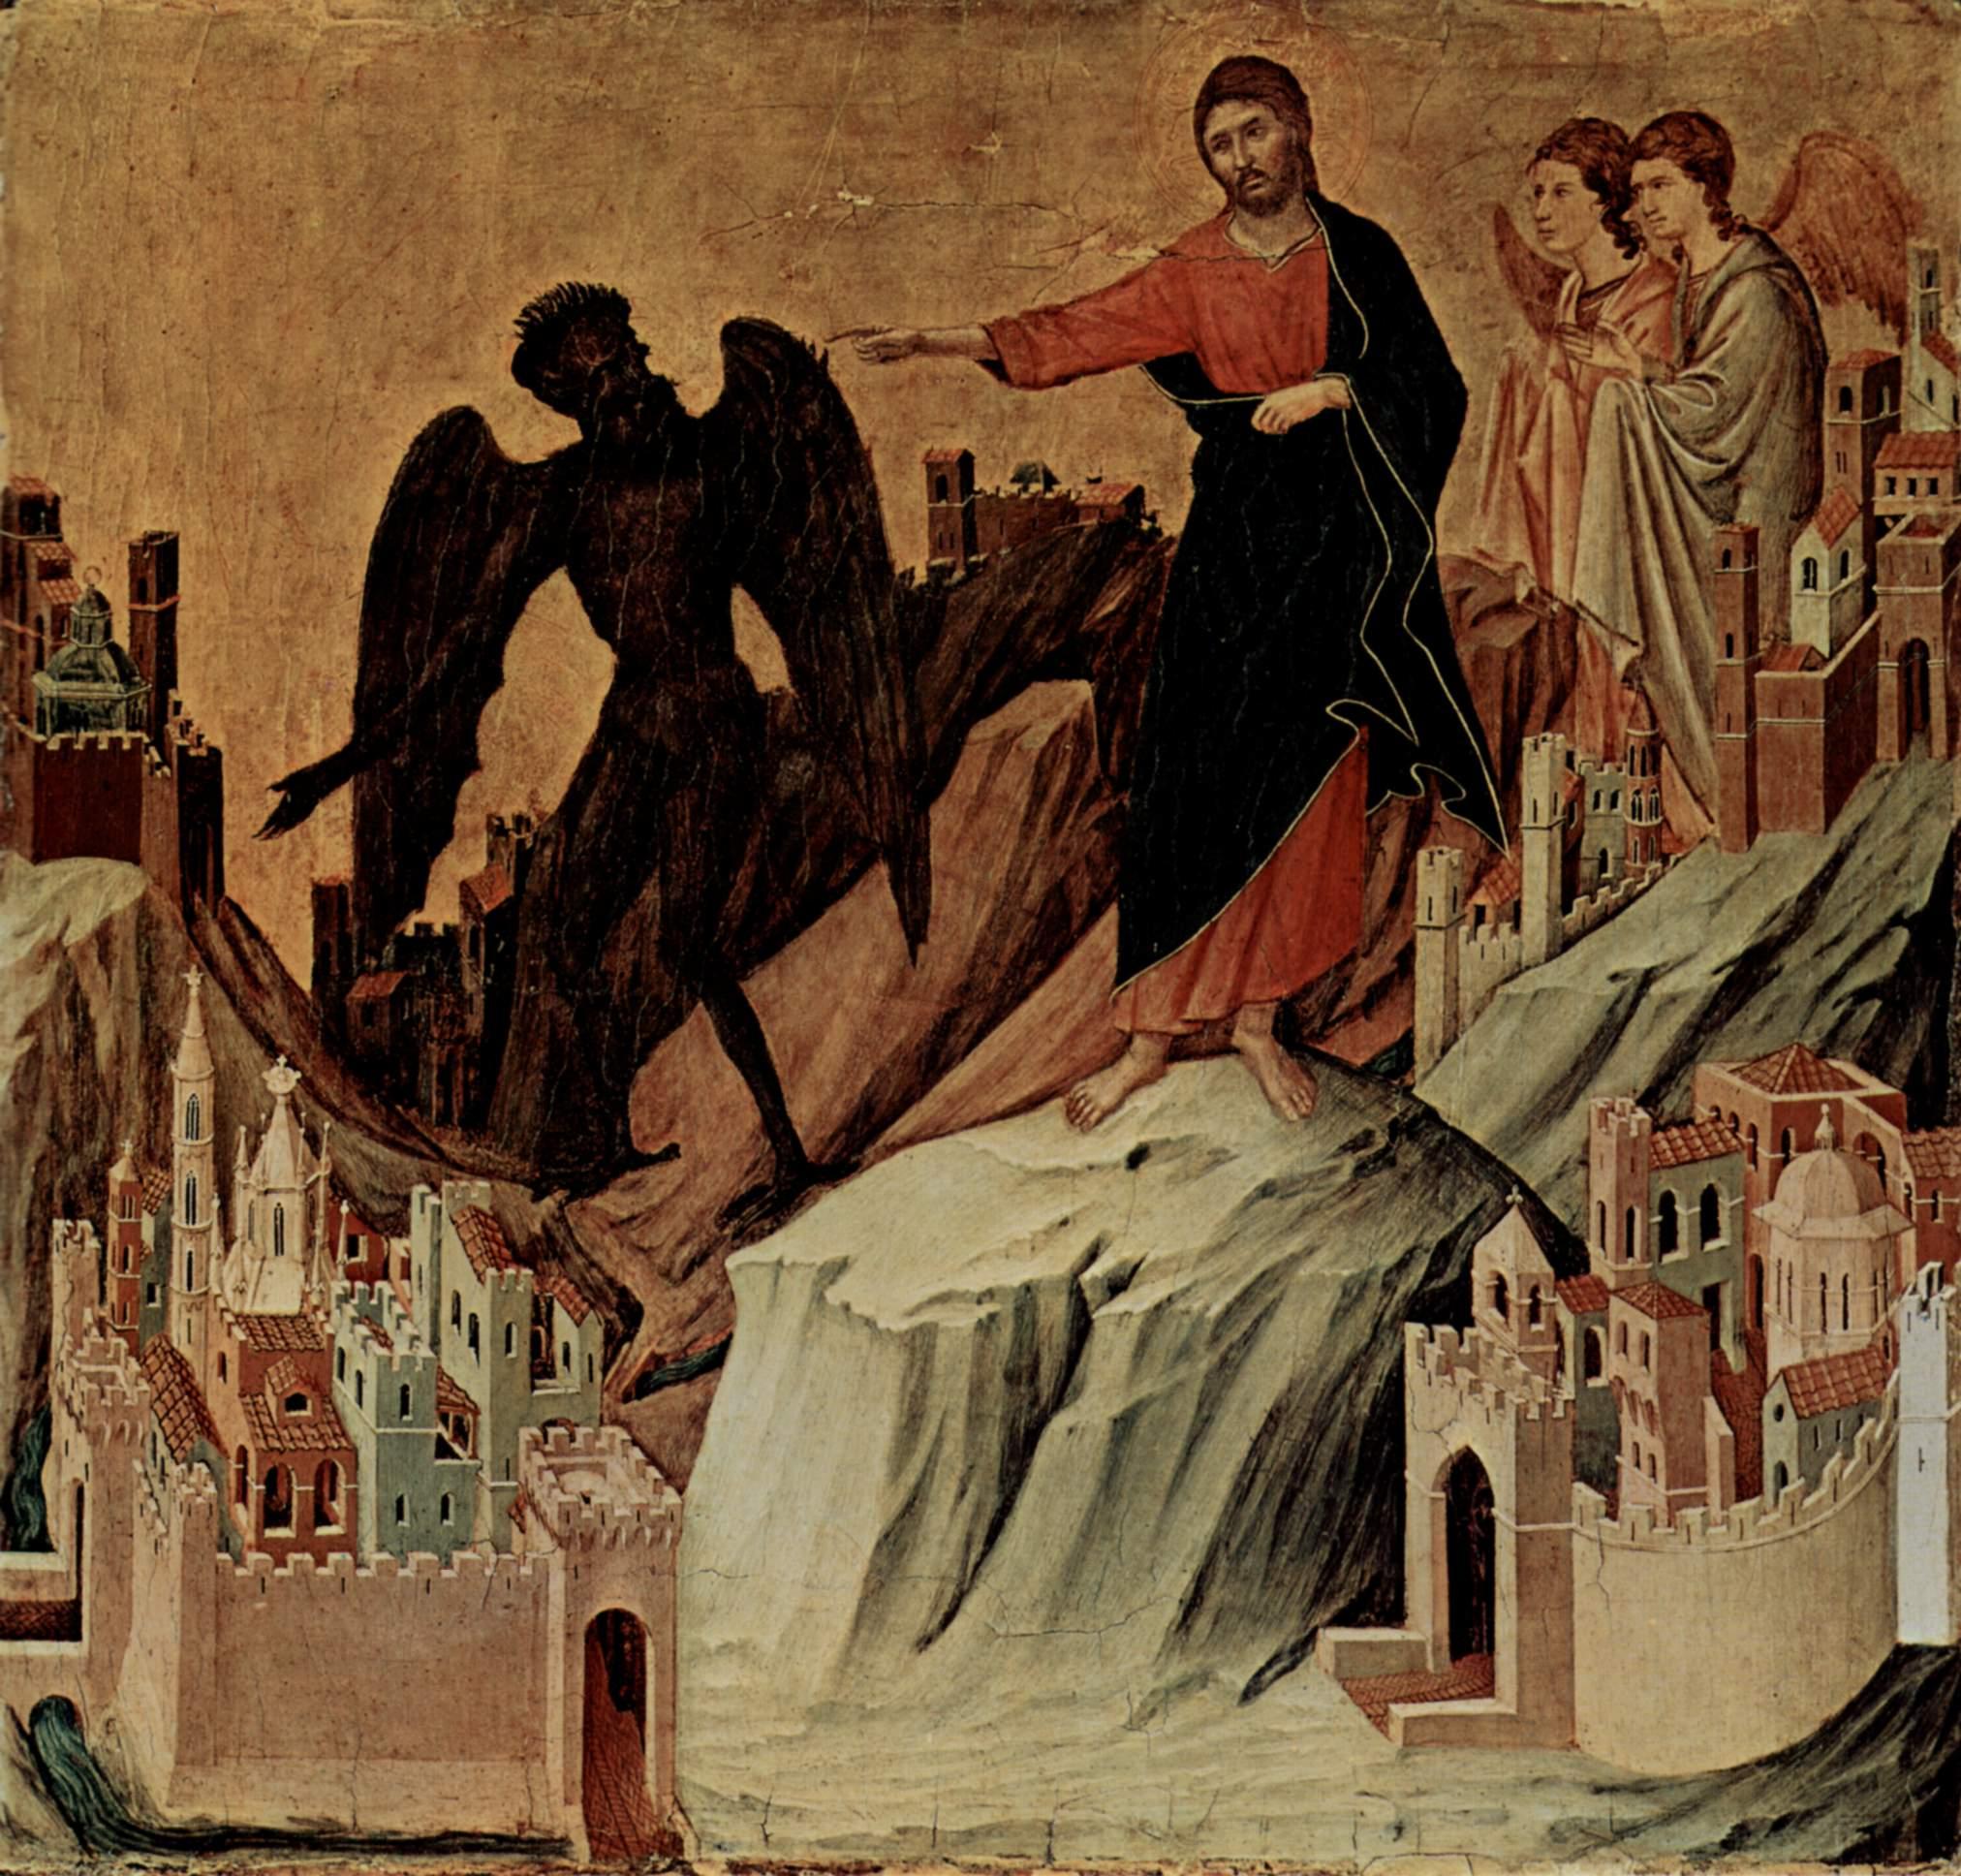 Duccio [Public domain or Public domain], via Wikimedia Commons